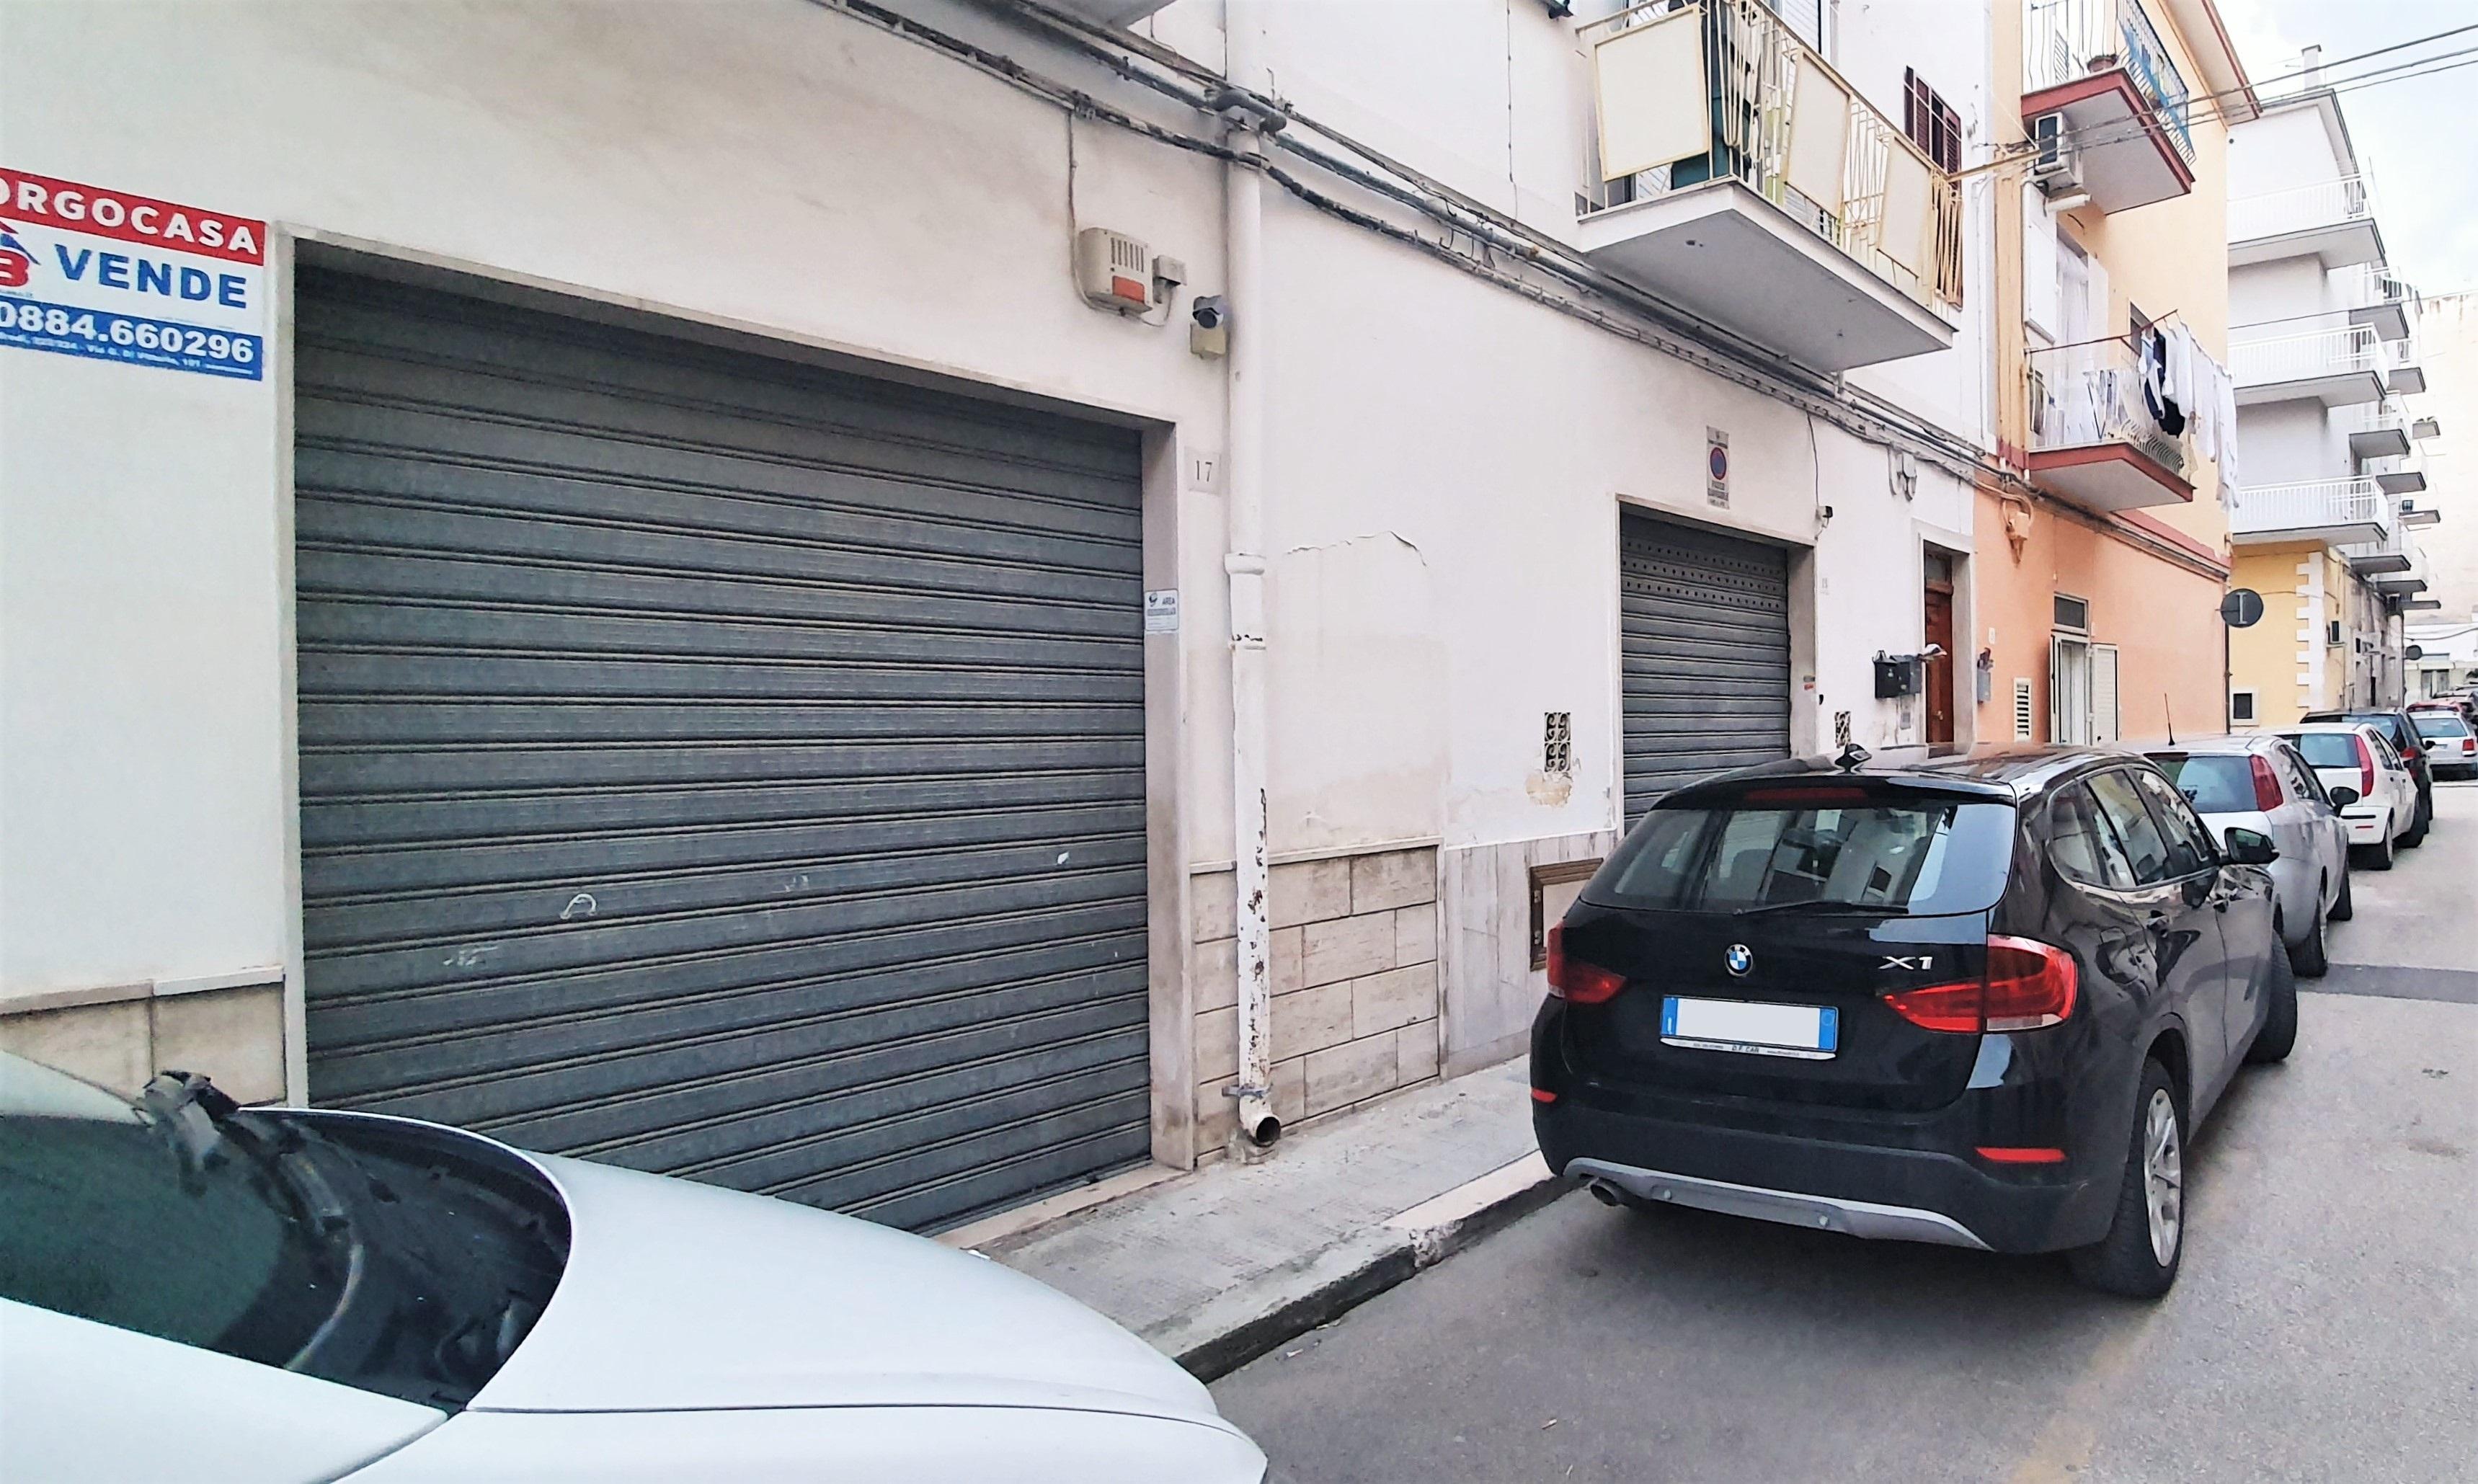 Foto 2 - Appartamento in Vendita a Manfredonia - Via Angiulli